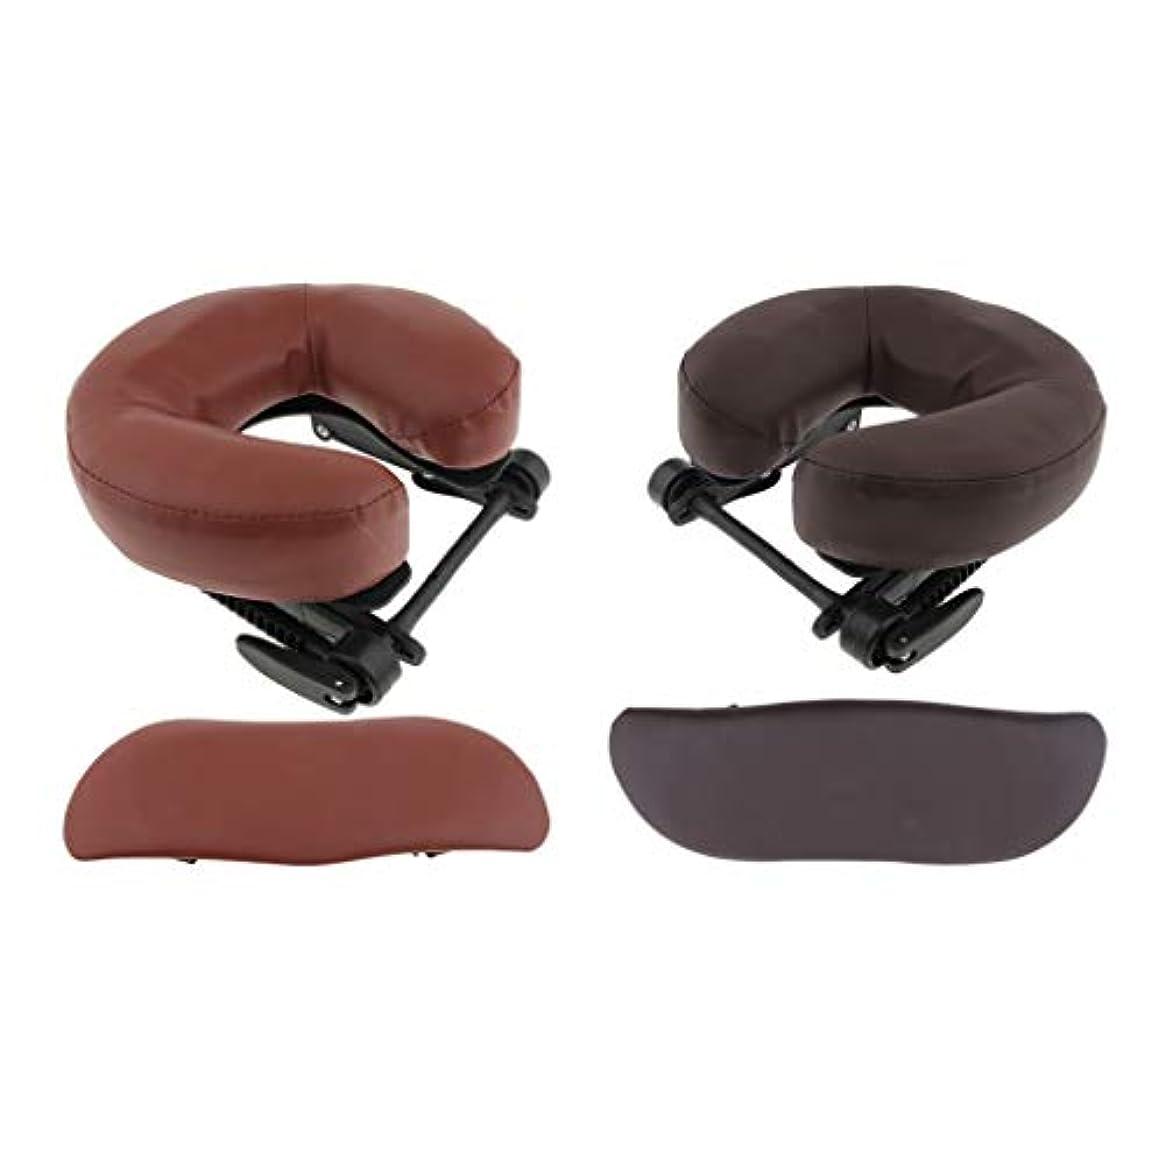 石膏不確実退屈なsharprepublic マッサージ テーブル 枕クッション U字型 完璧な アクセサリー 実用性